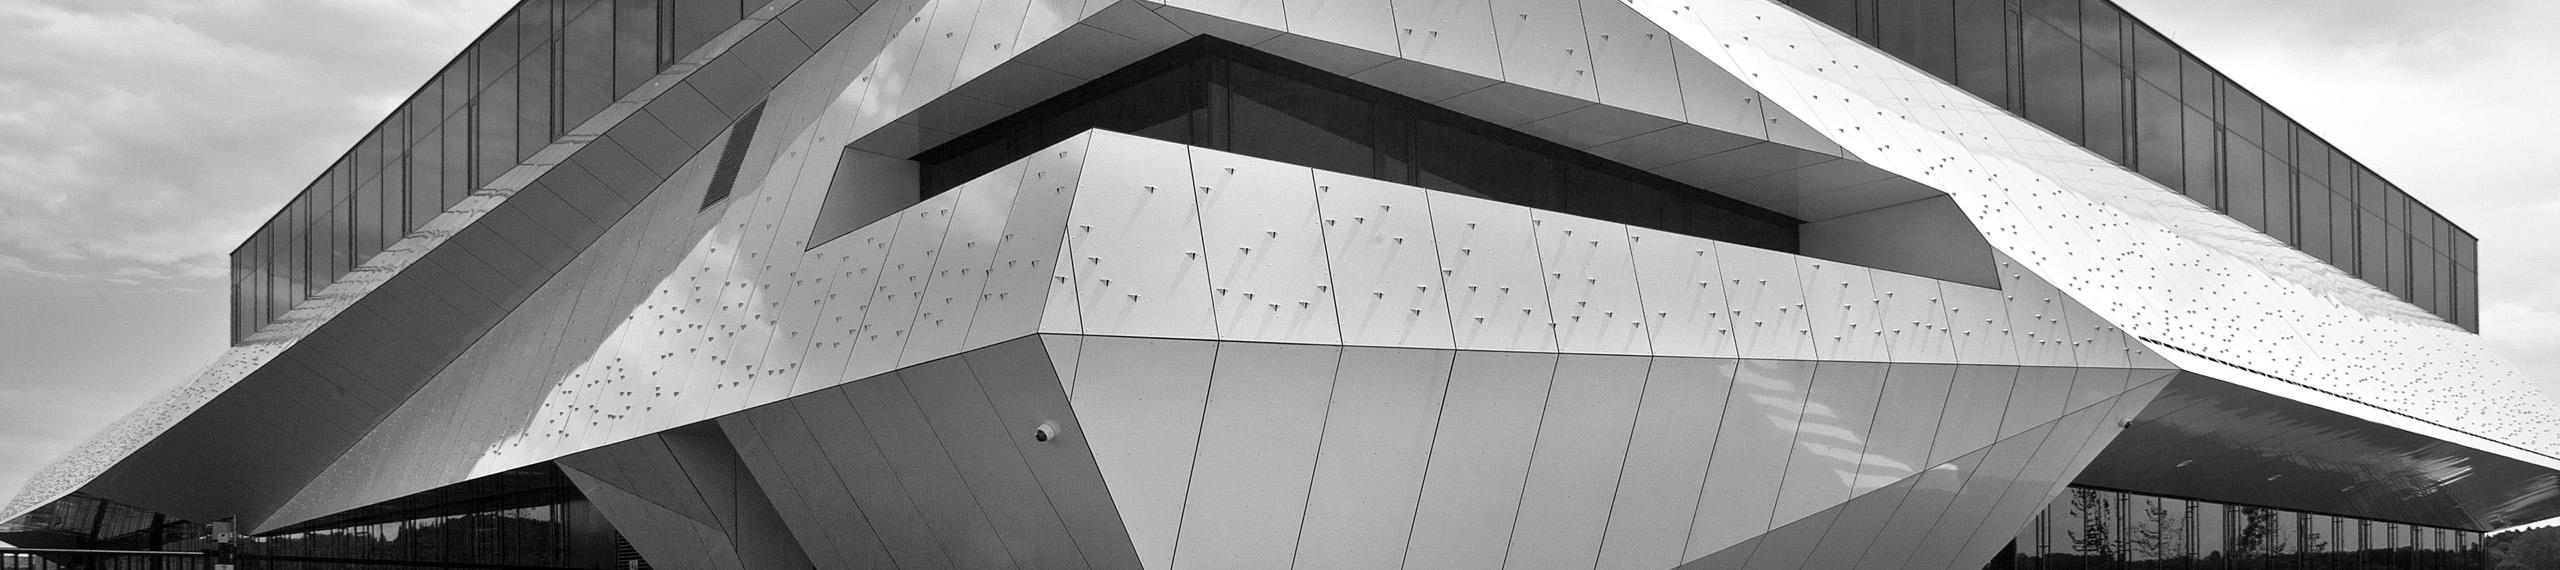 Stahlbau-Stahlkonstruktionen